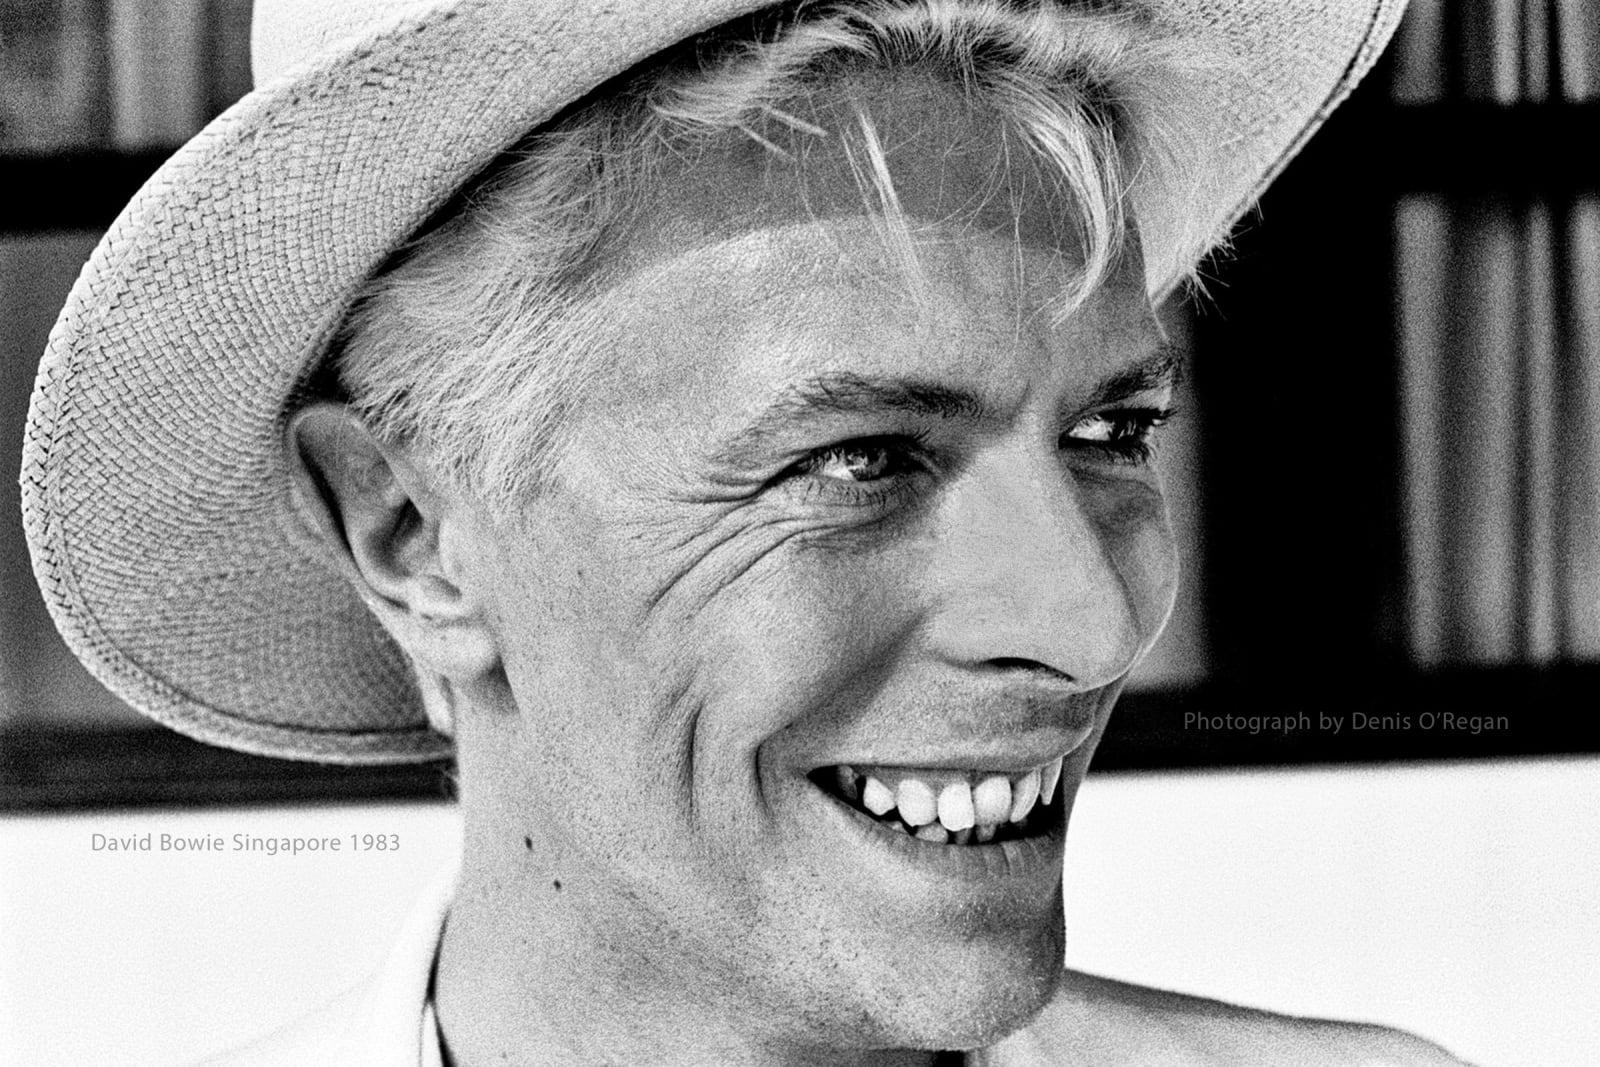 DAVID BOWIE, David Bowie Singapore, 1983